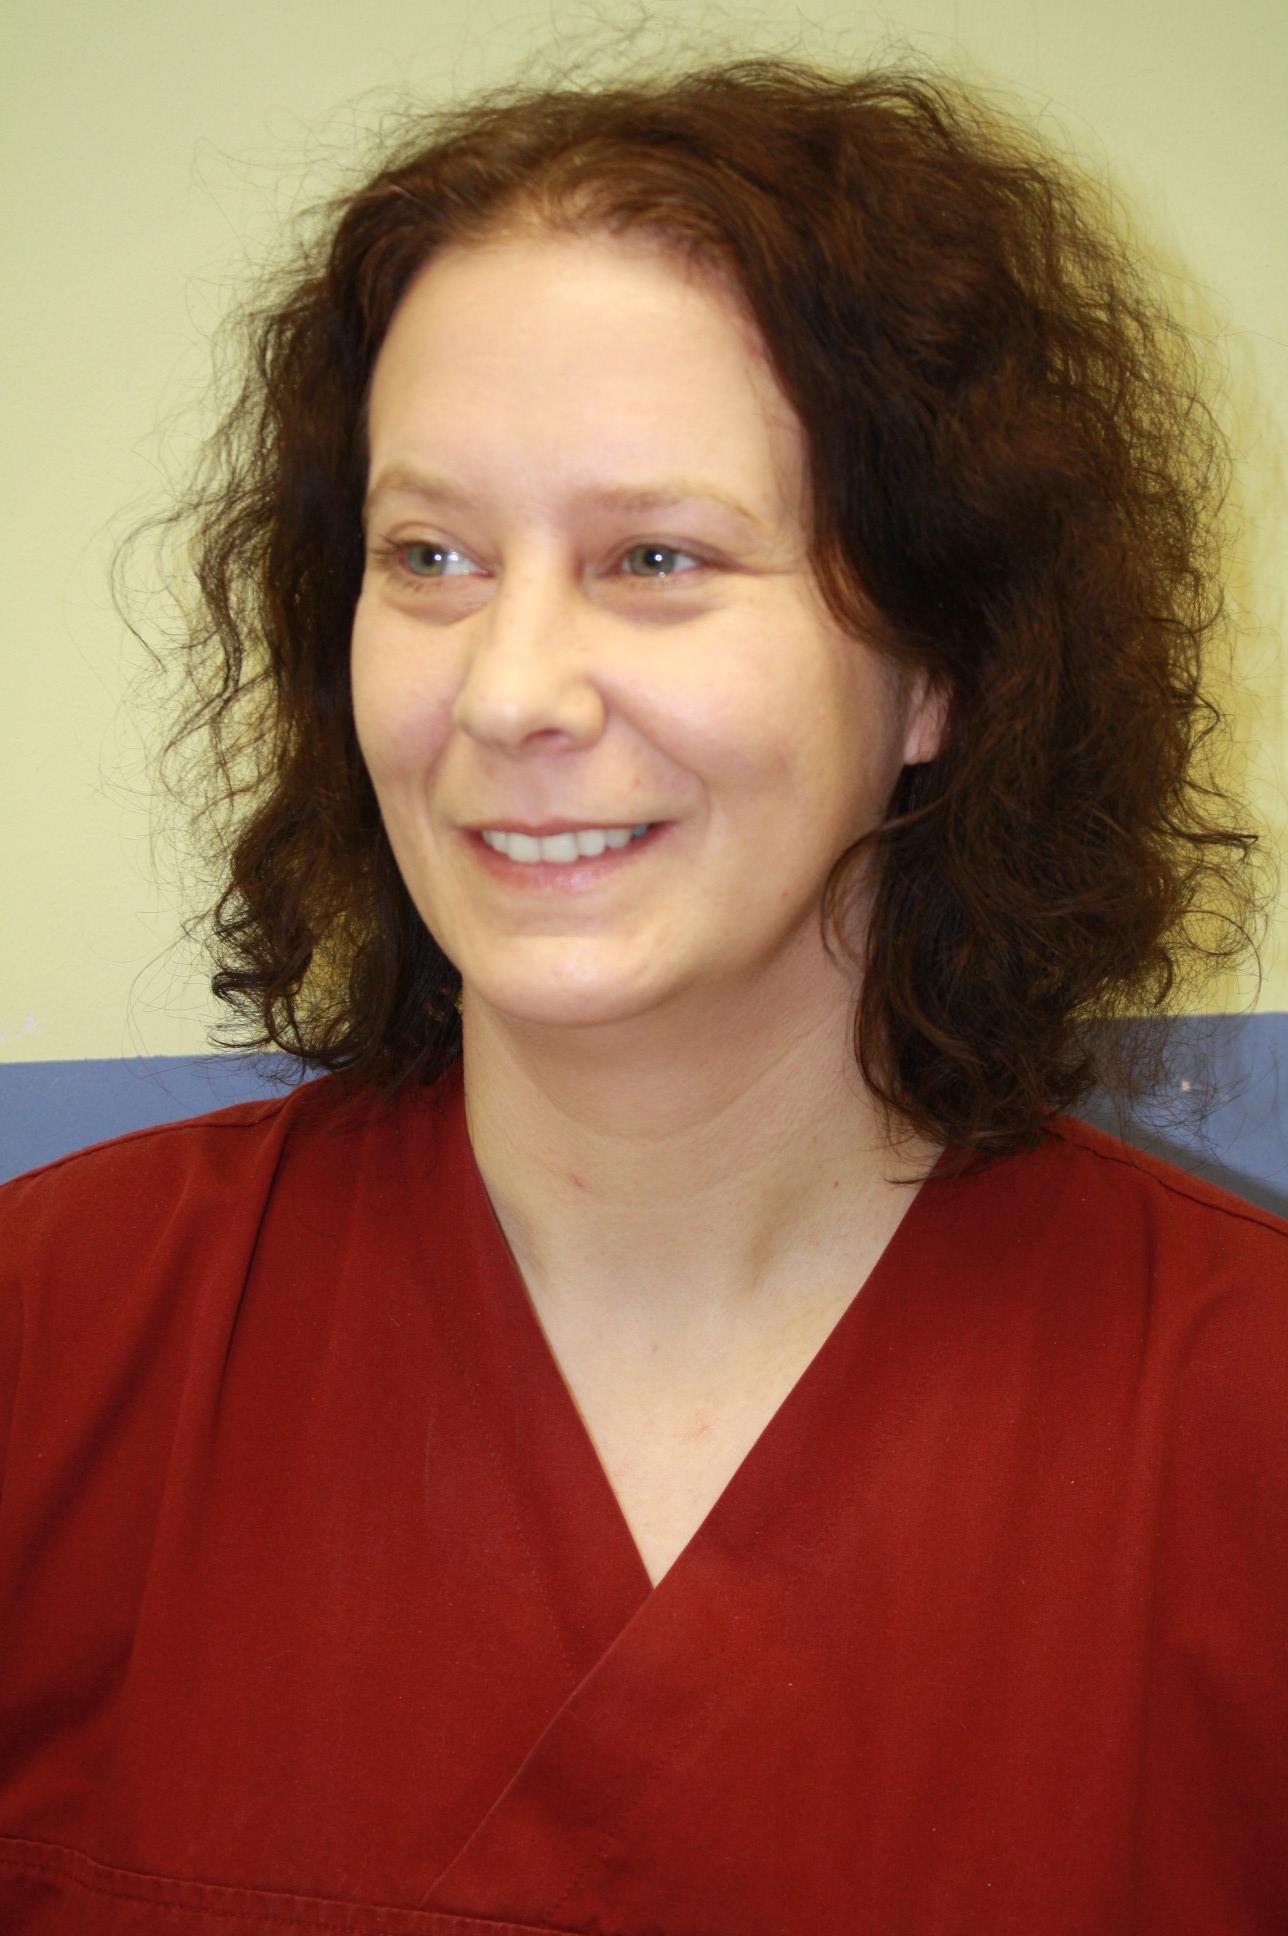 Jennifer Latzko